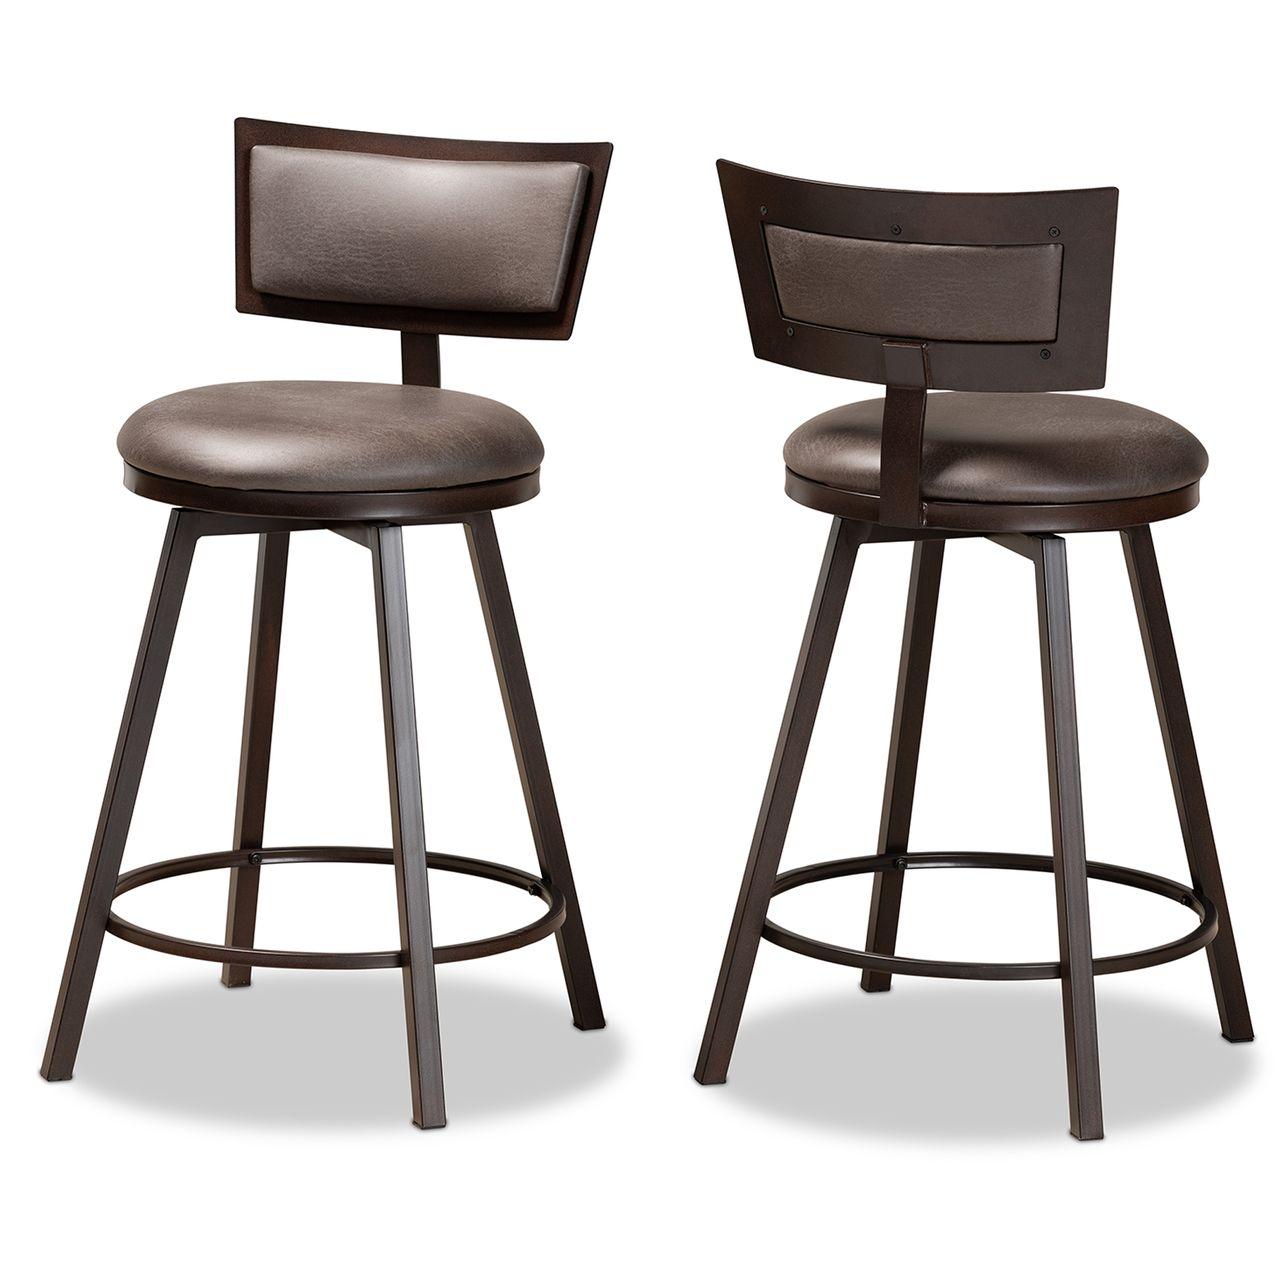 Baxton Studio Danson Grey and Dark Brown 2-Piece Pub Chair Set